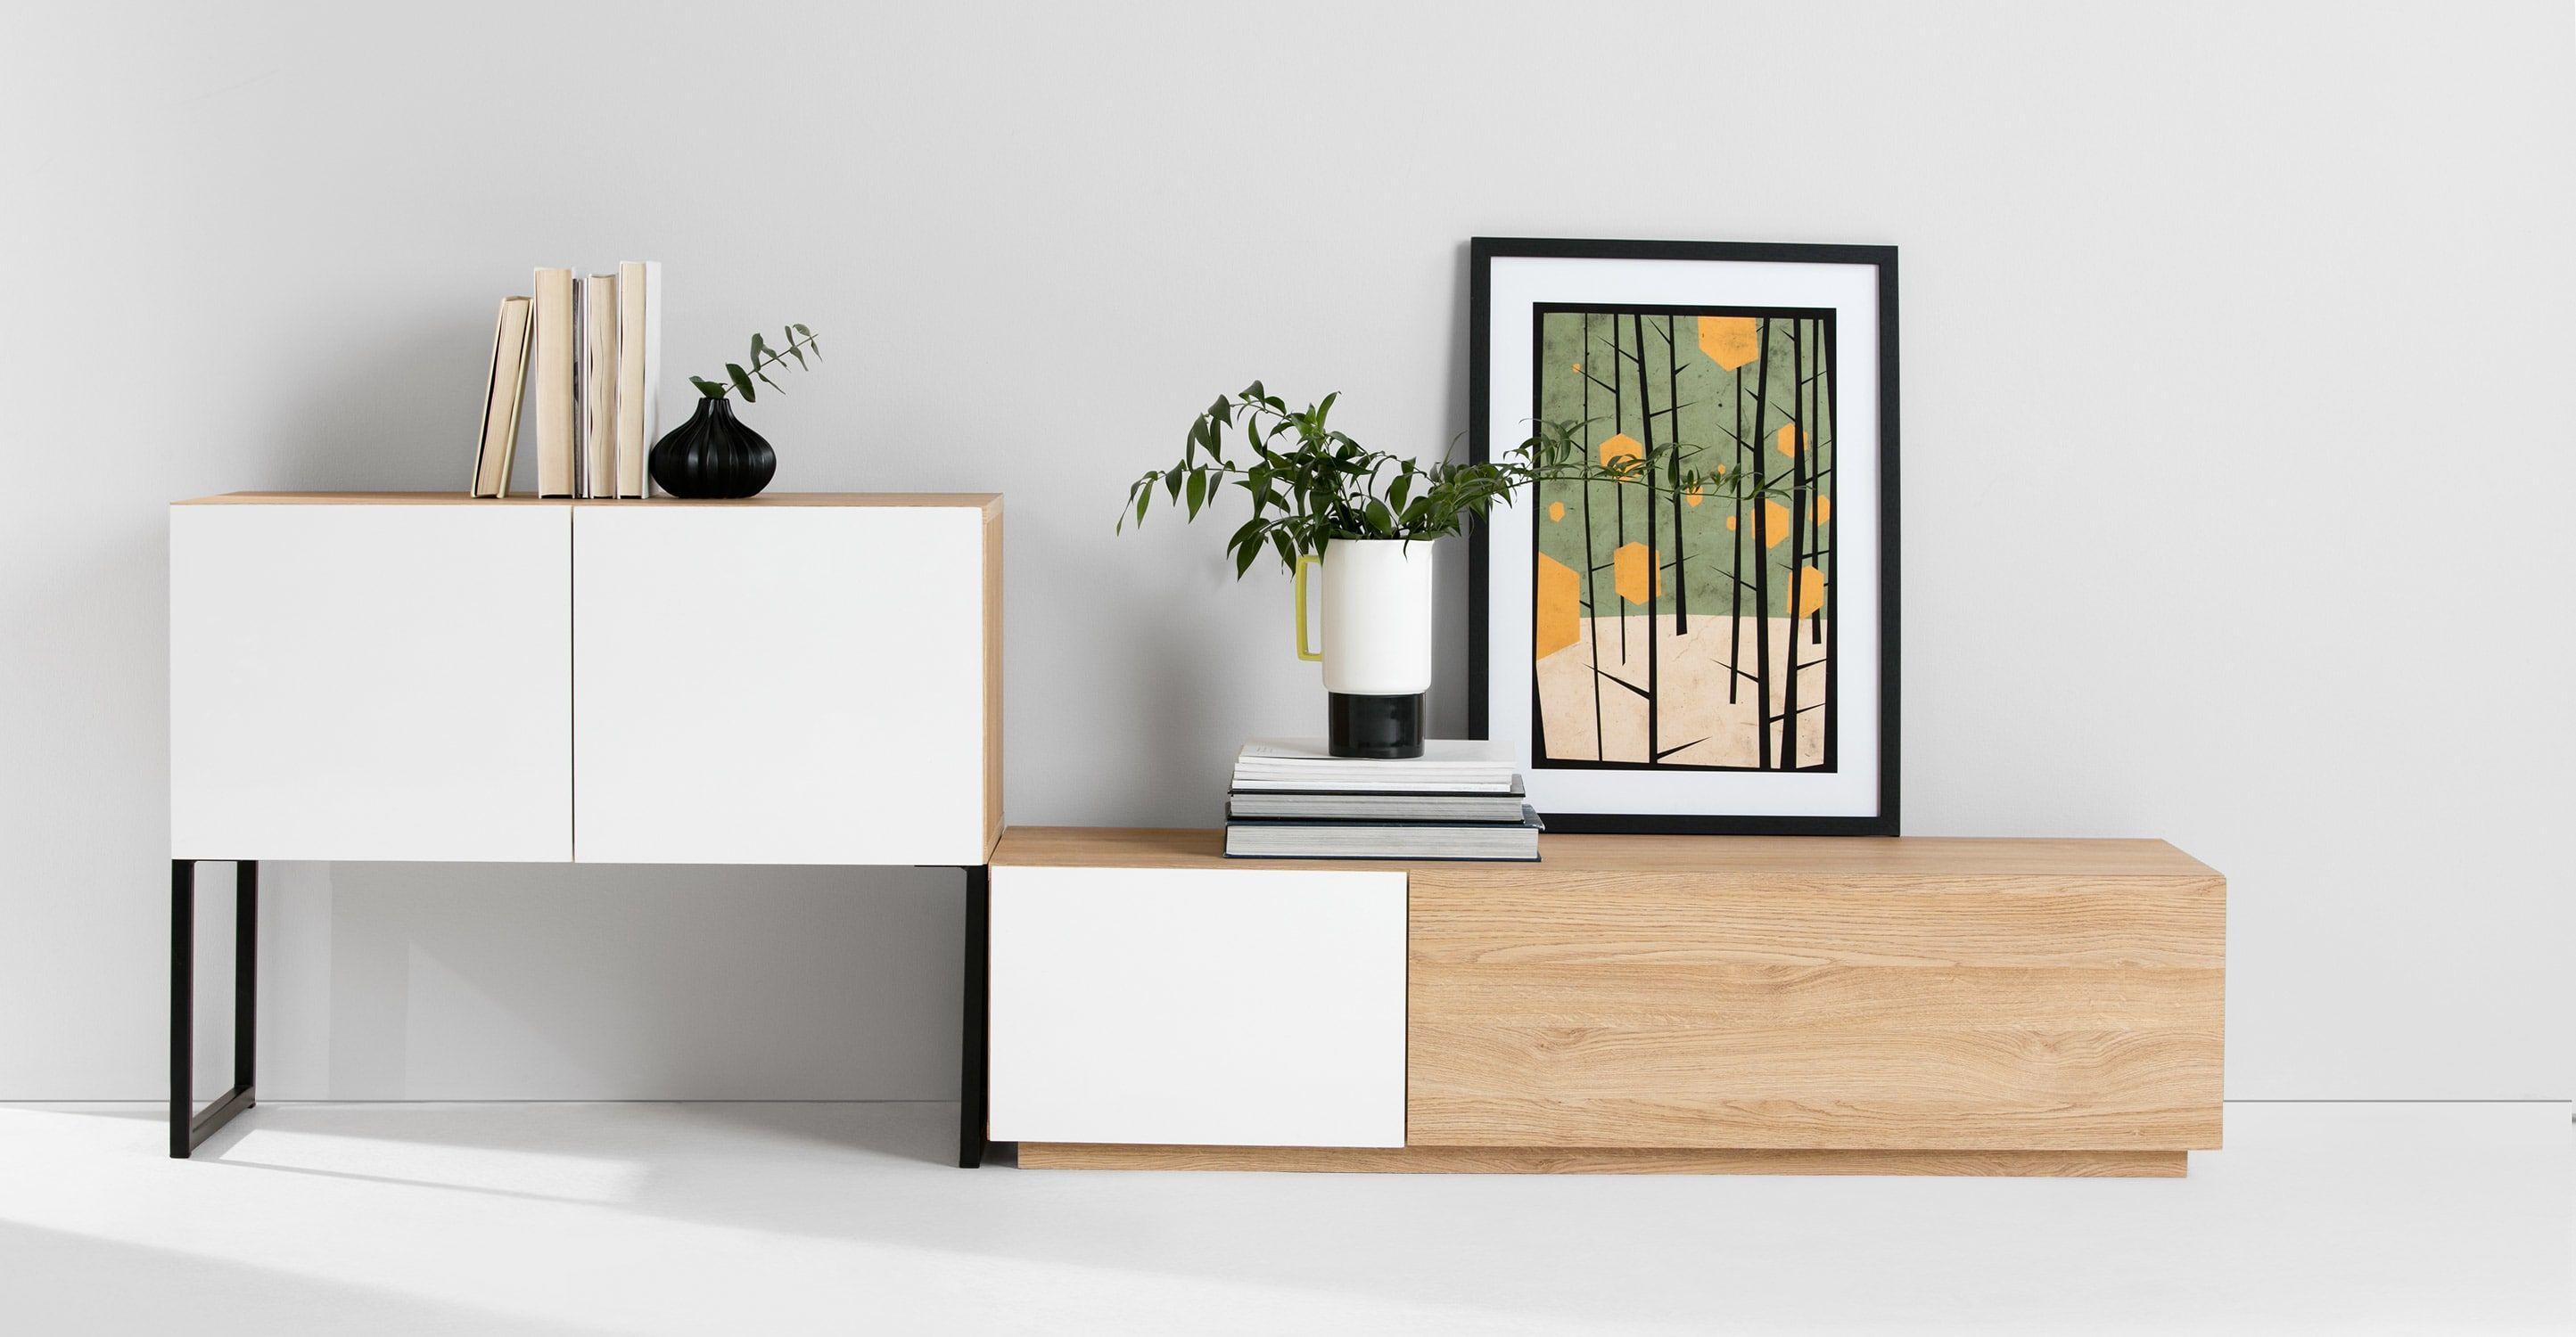 hopkins sideboard entdecke moderne designmbel jetzt bei made - Meuble Tv Made In Design